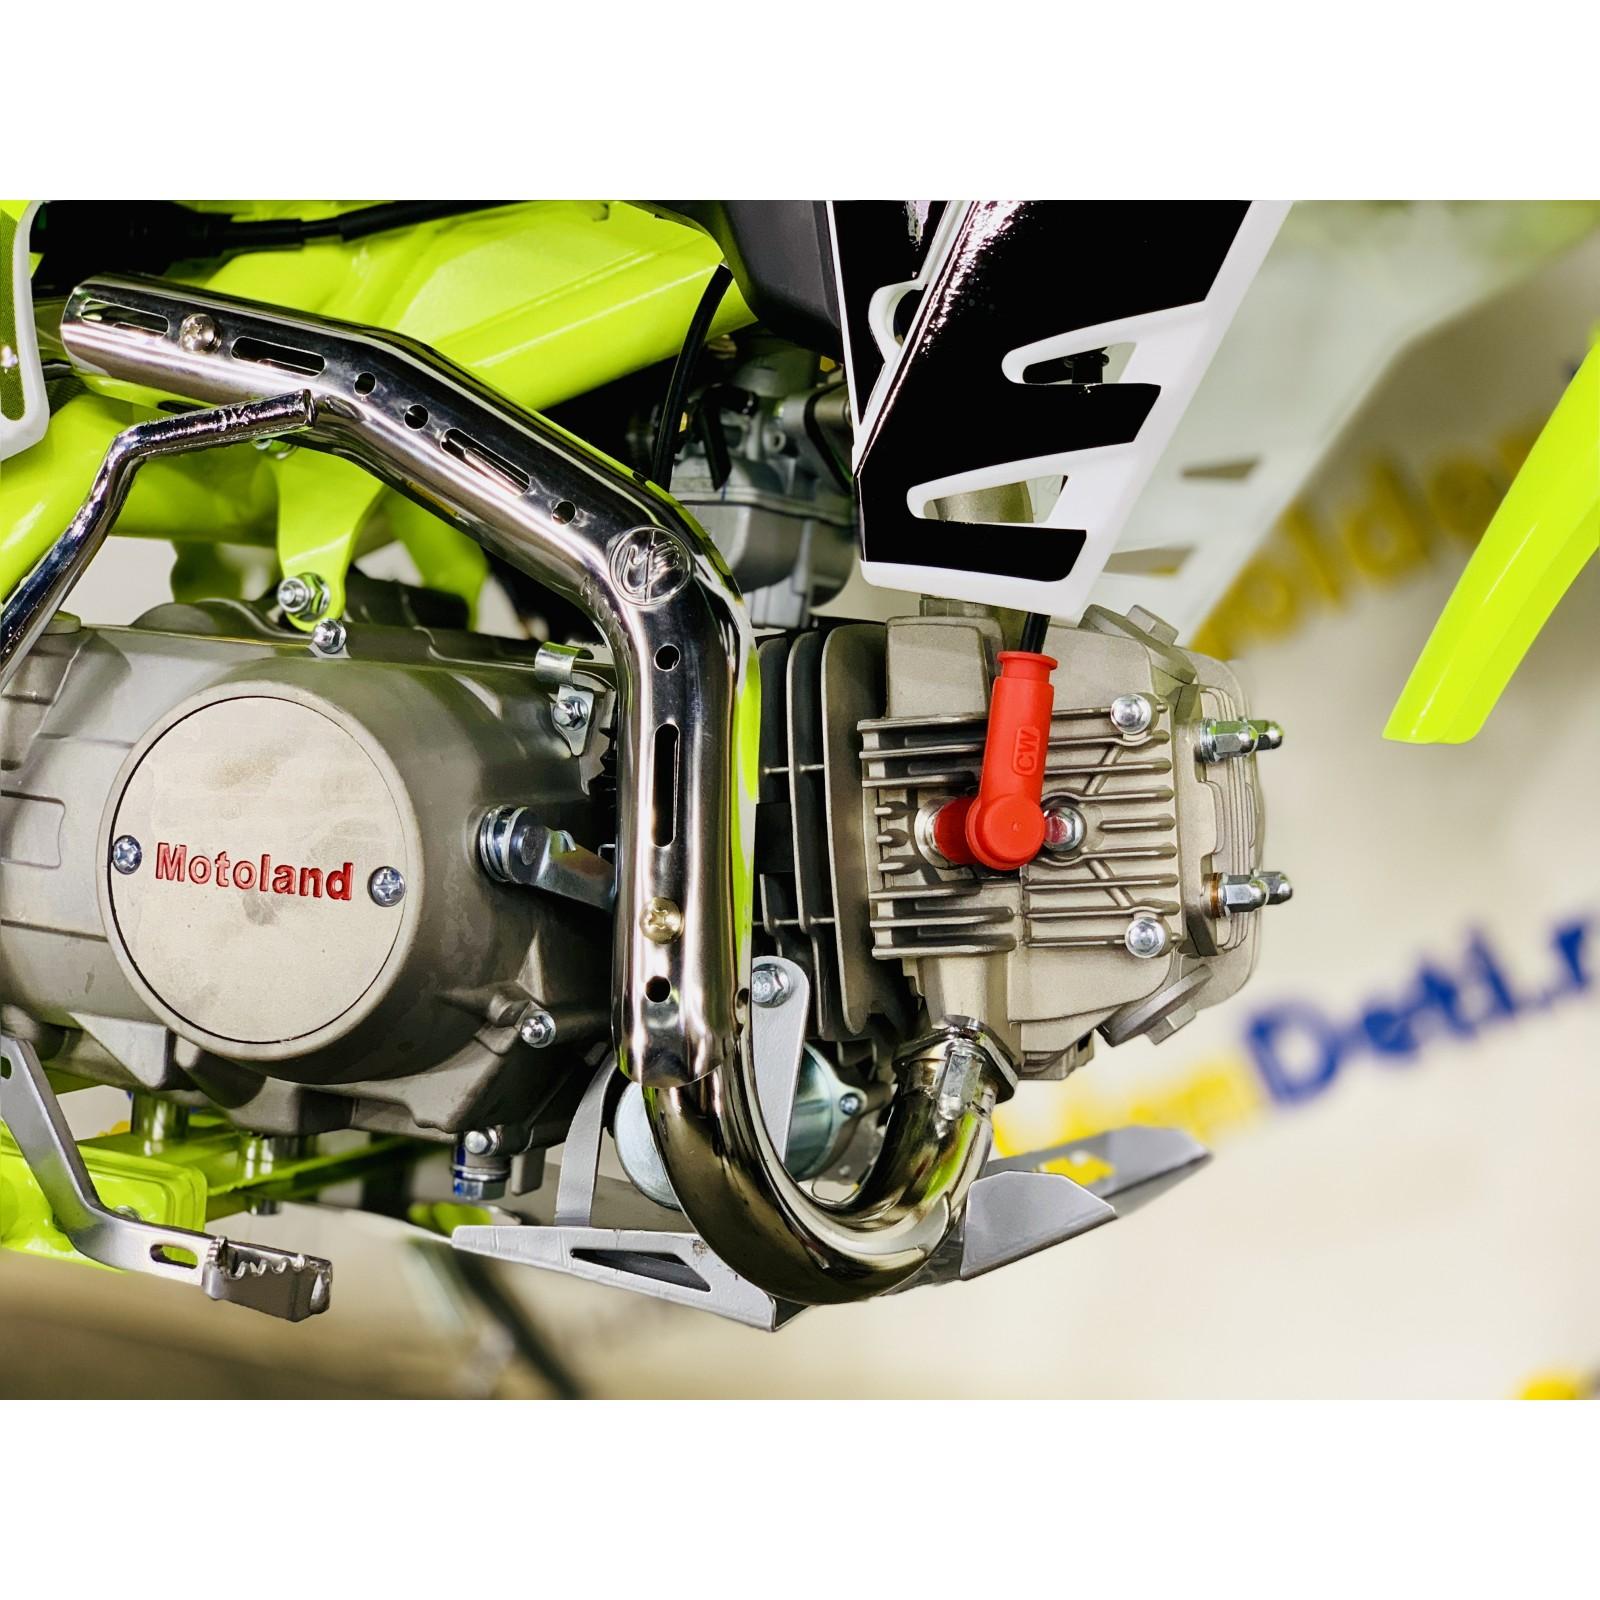 Питбайк MotoLand MX125 E (2021)